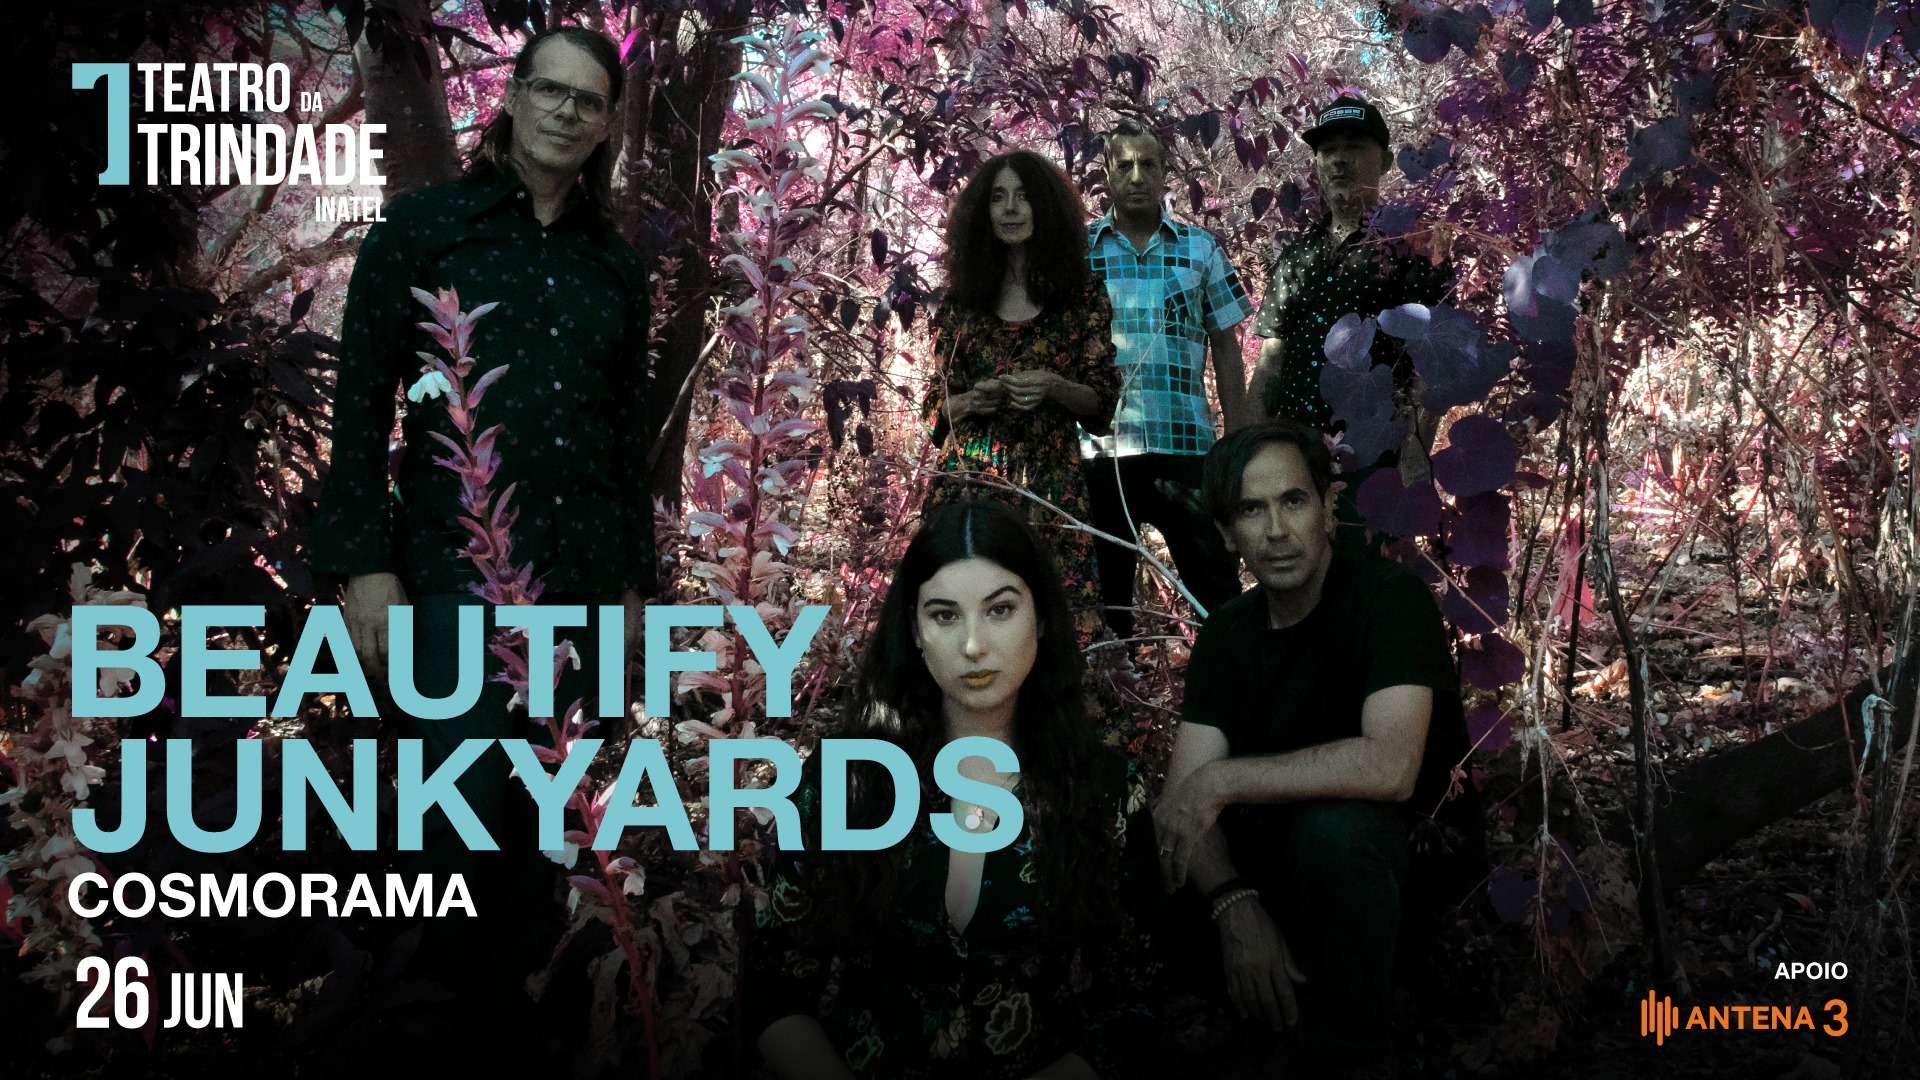 Beautify Junkyards - COSMORAMA no Teatro da Trindade